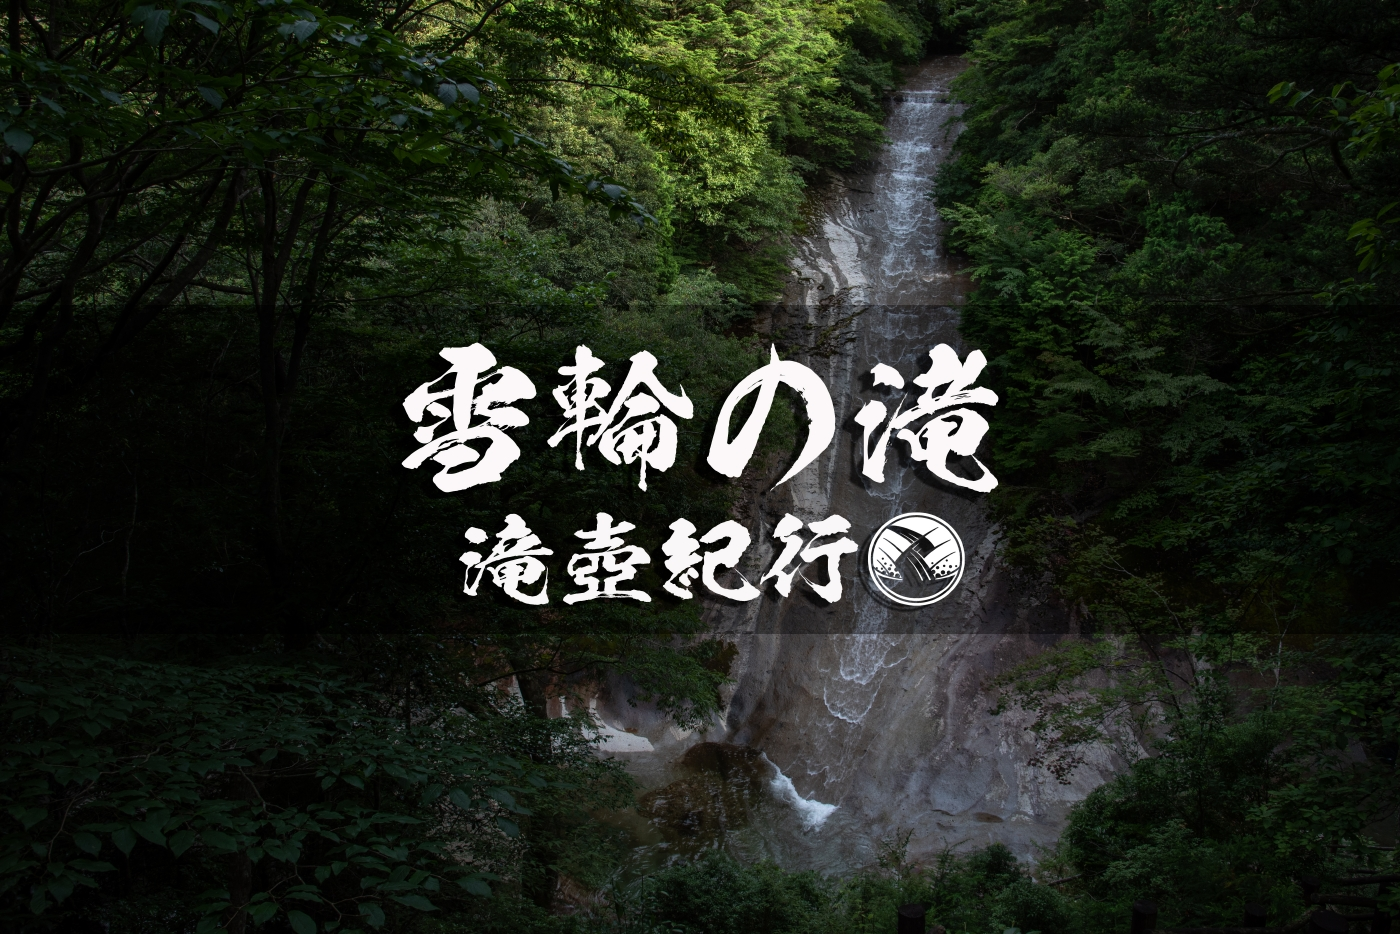 雪輪の滝と滑床渓谷 ~愛媛県・宇和島市~